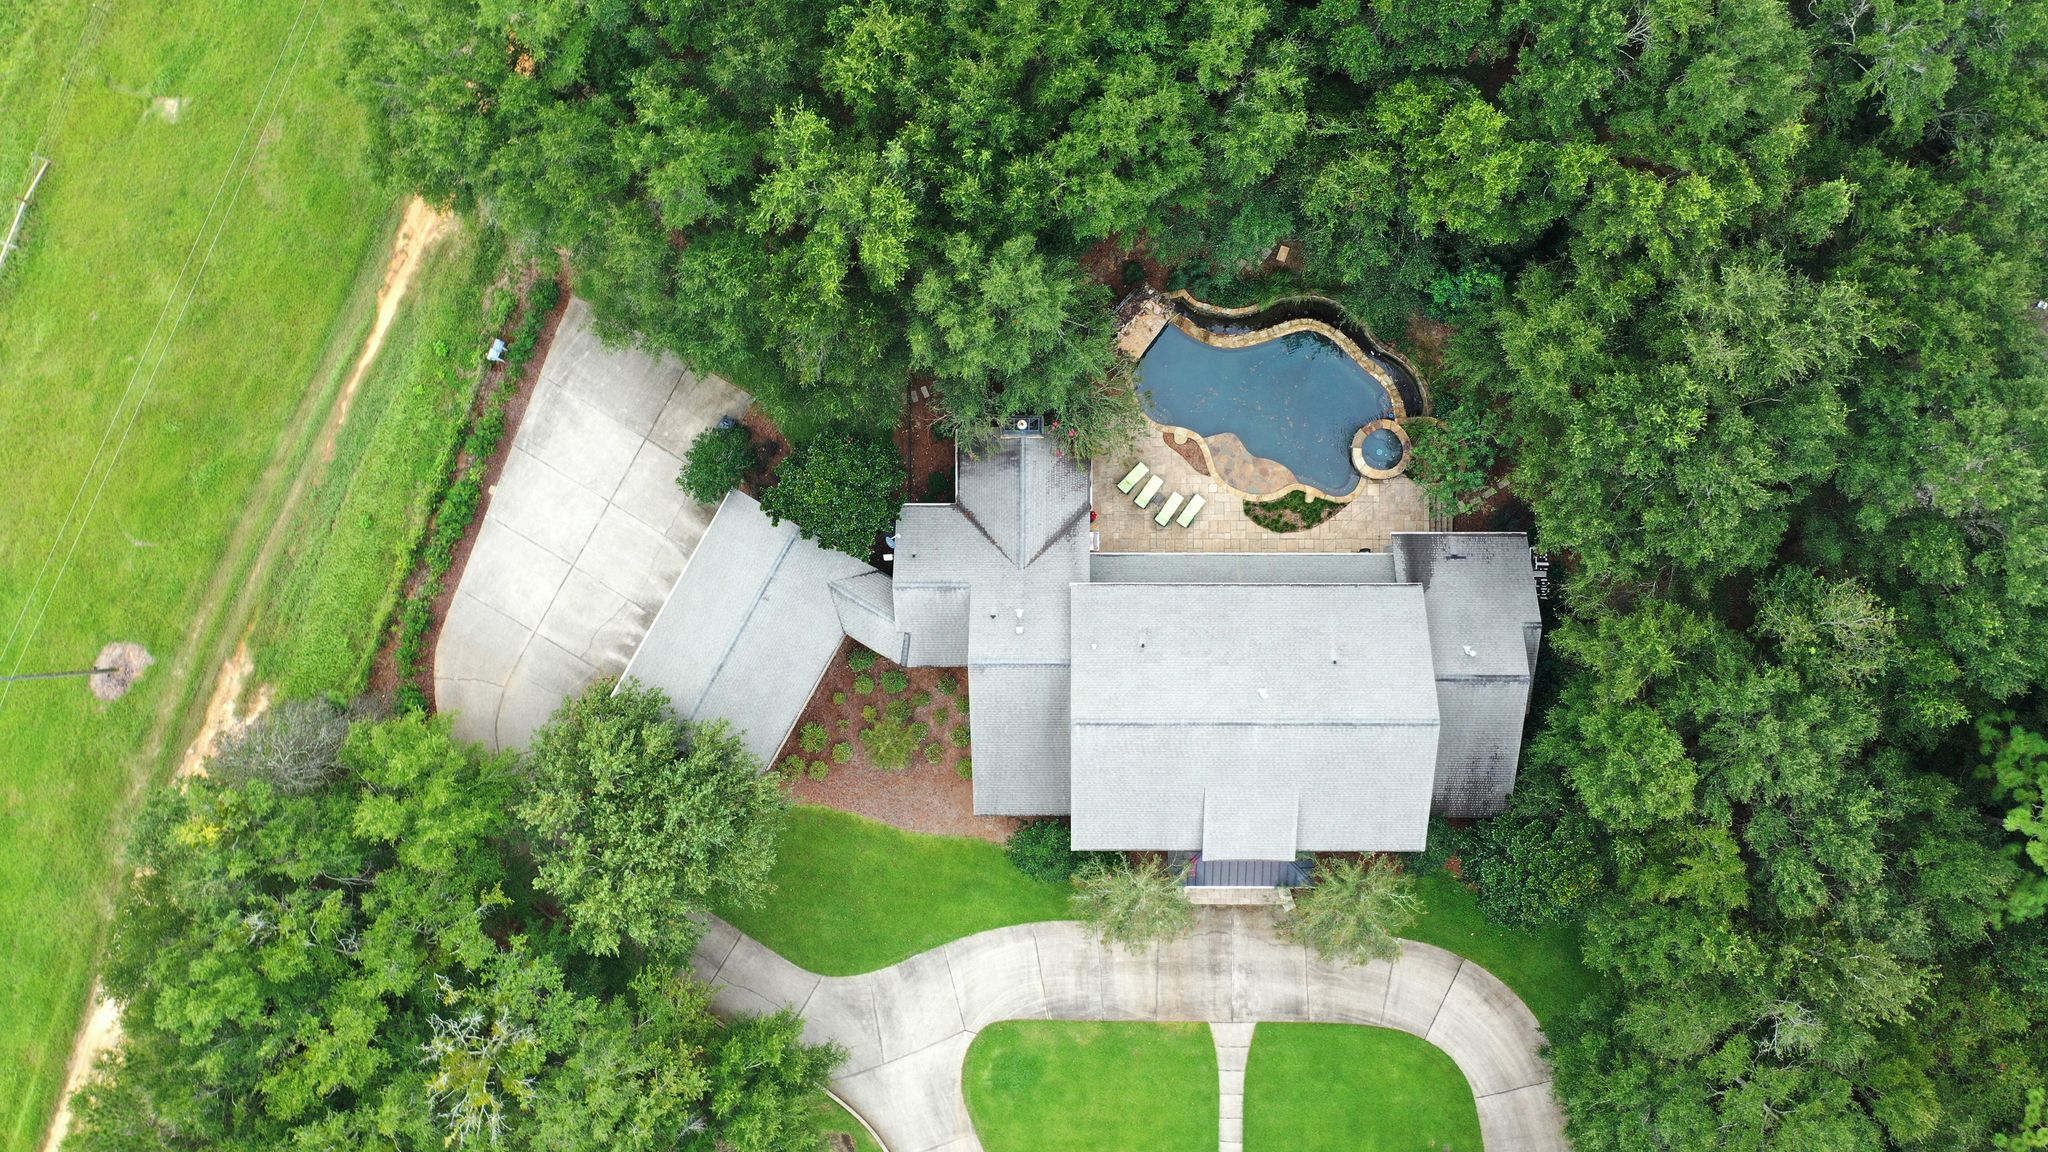 house for sale fairhope alabama 5,000 square feet